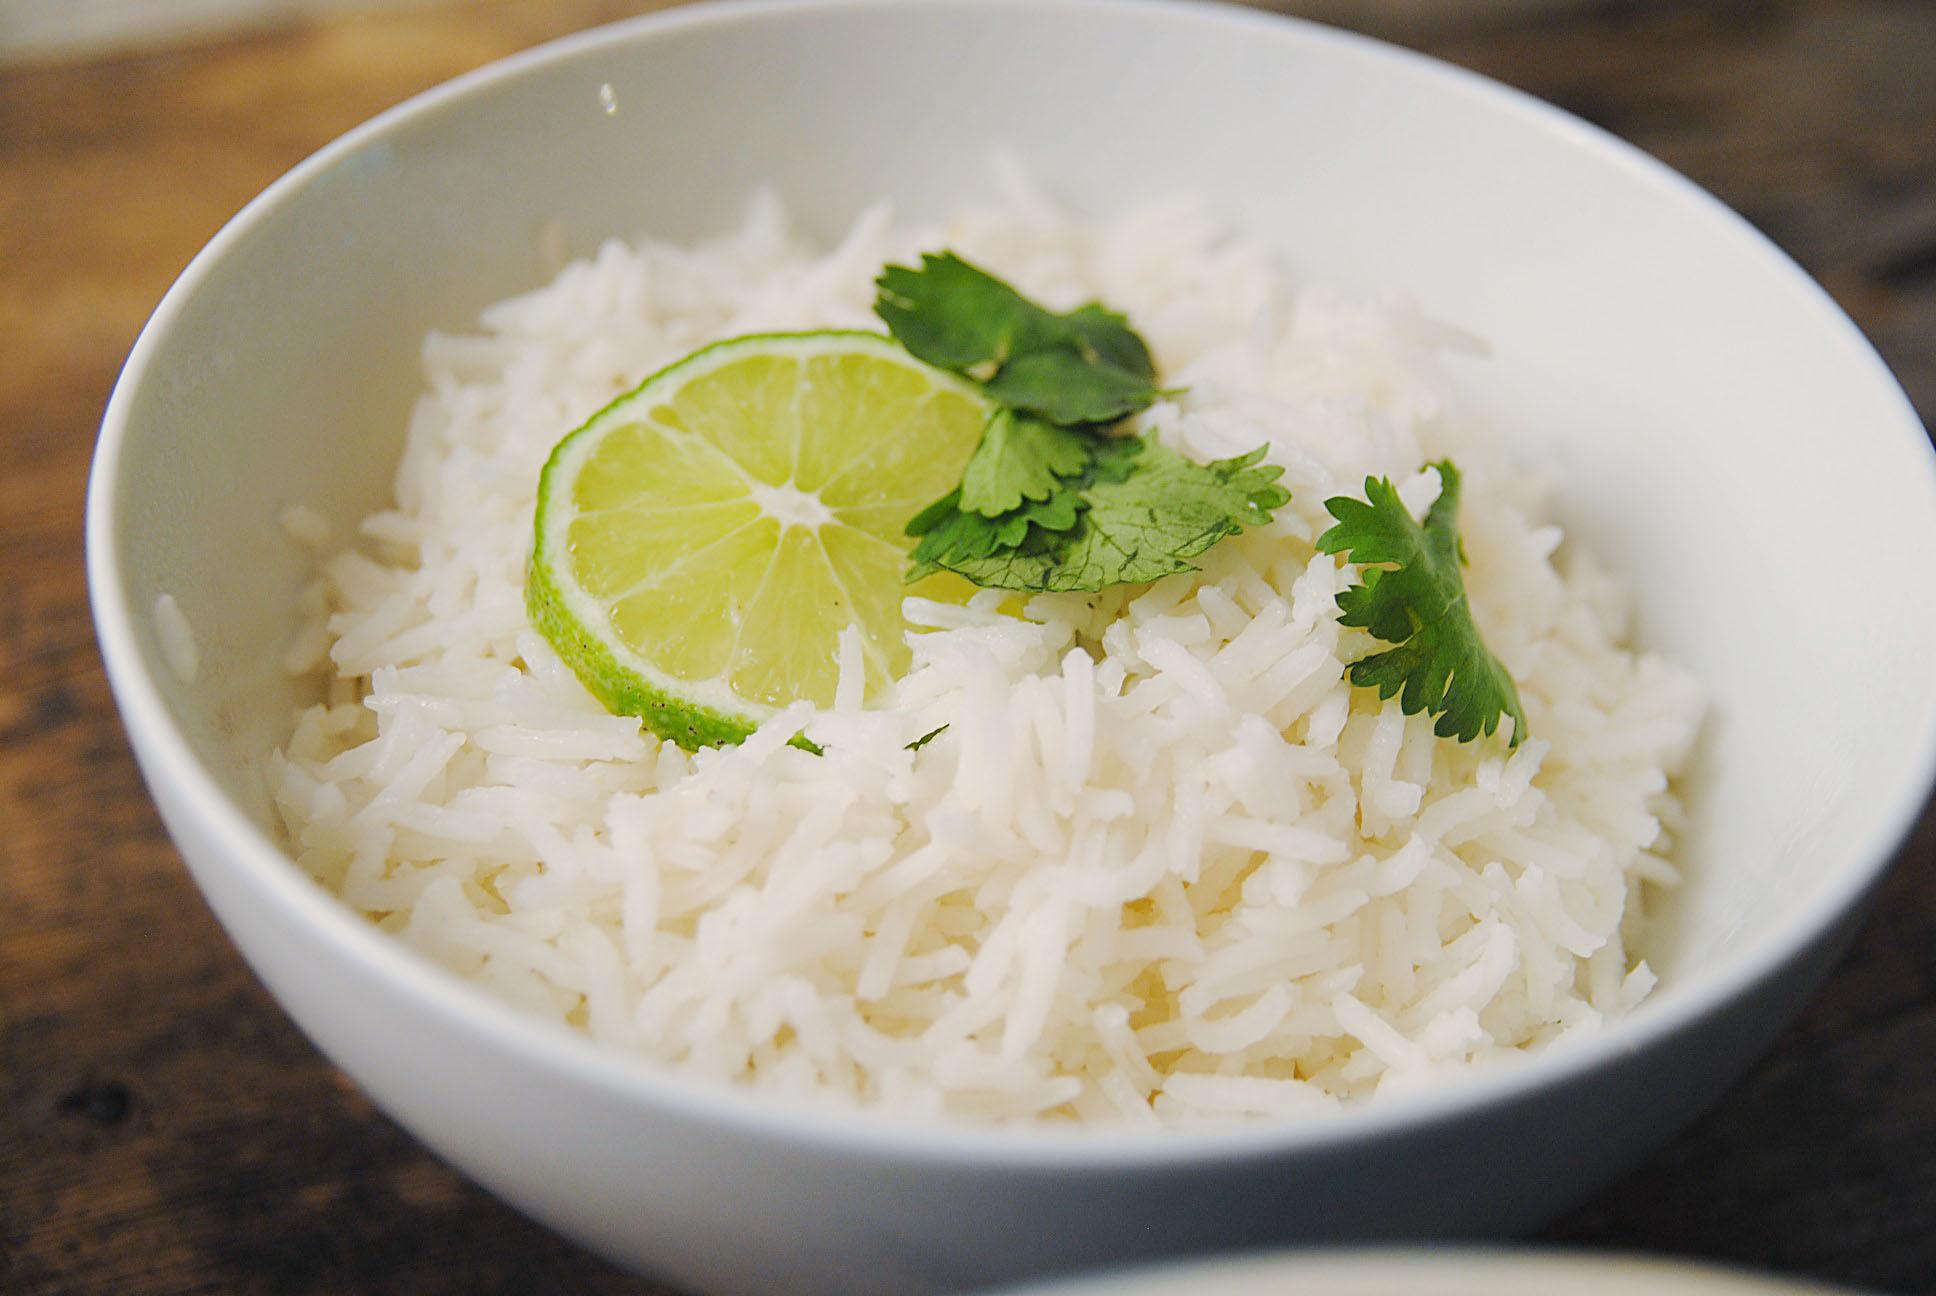 Soph n' Stuff | Cuban White Rice (Arroz Blanco)